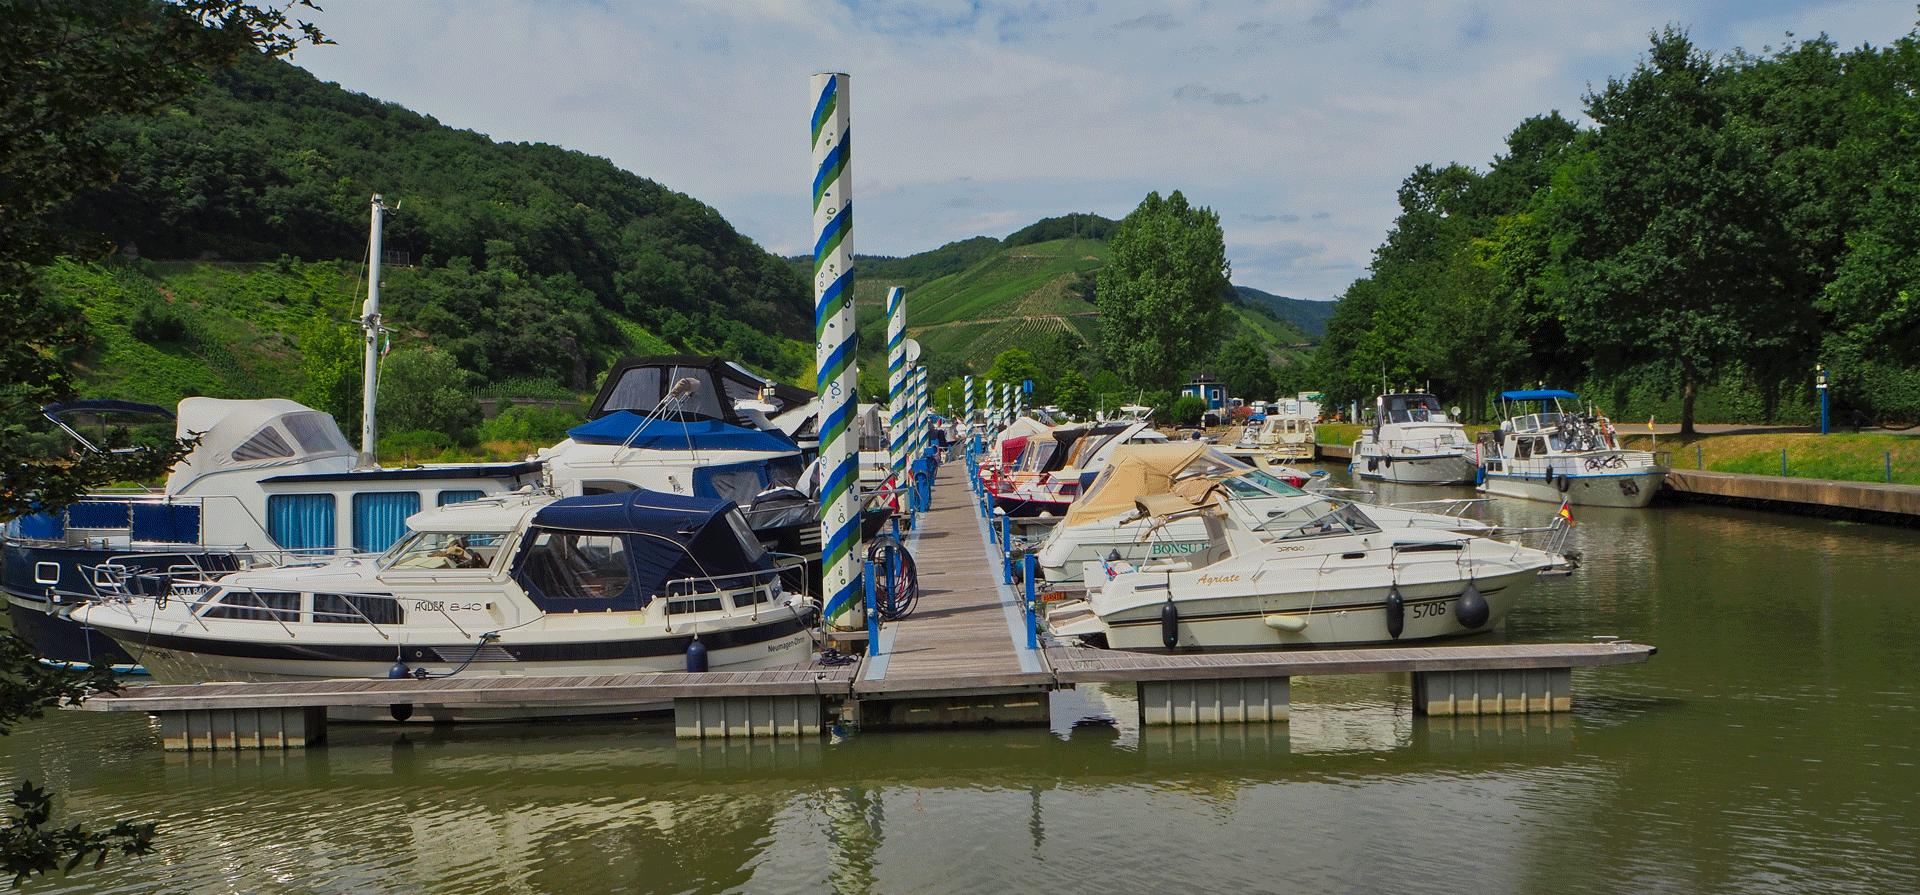 Hafen-schmal